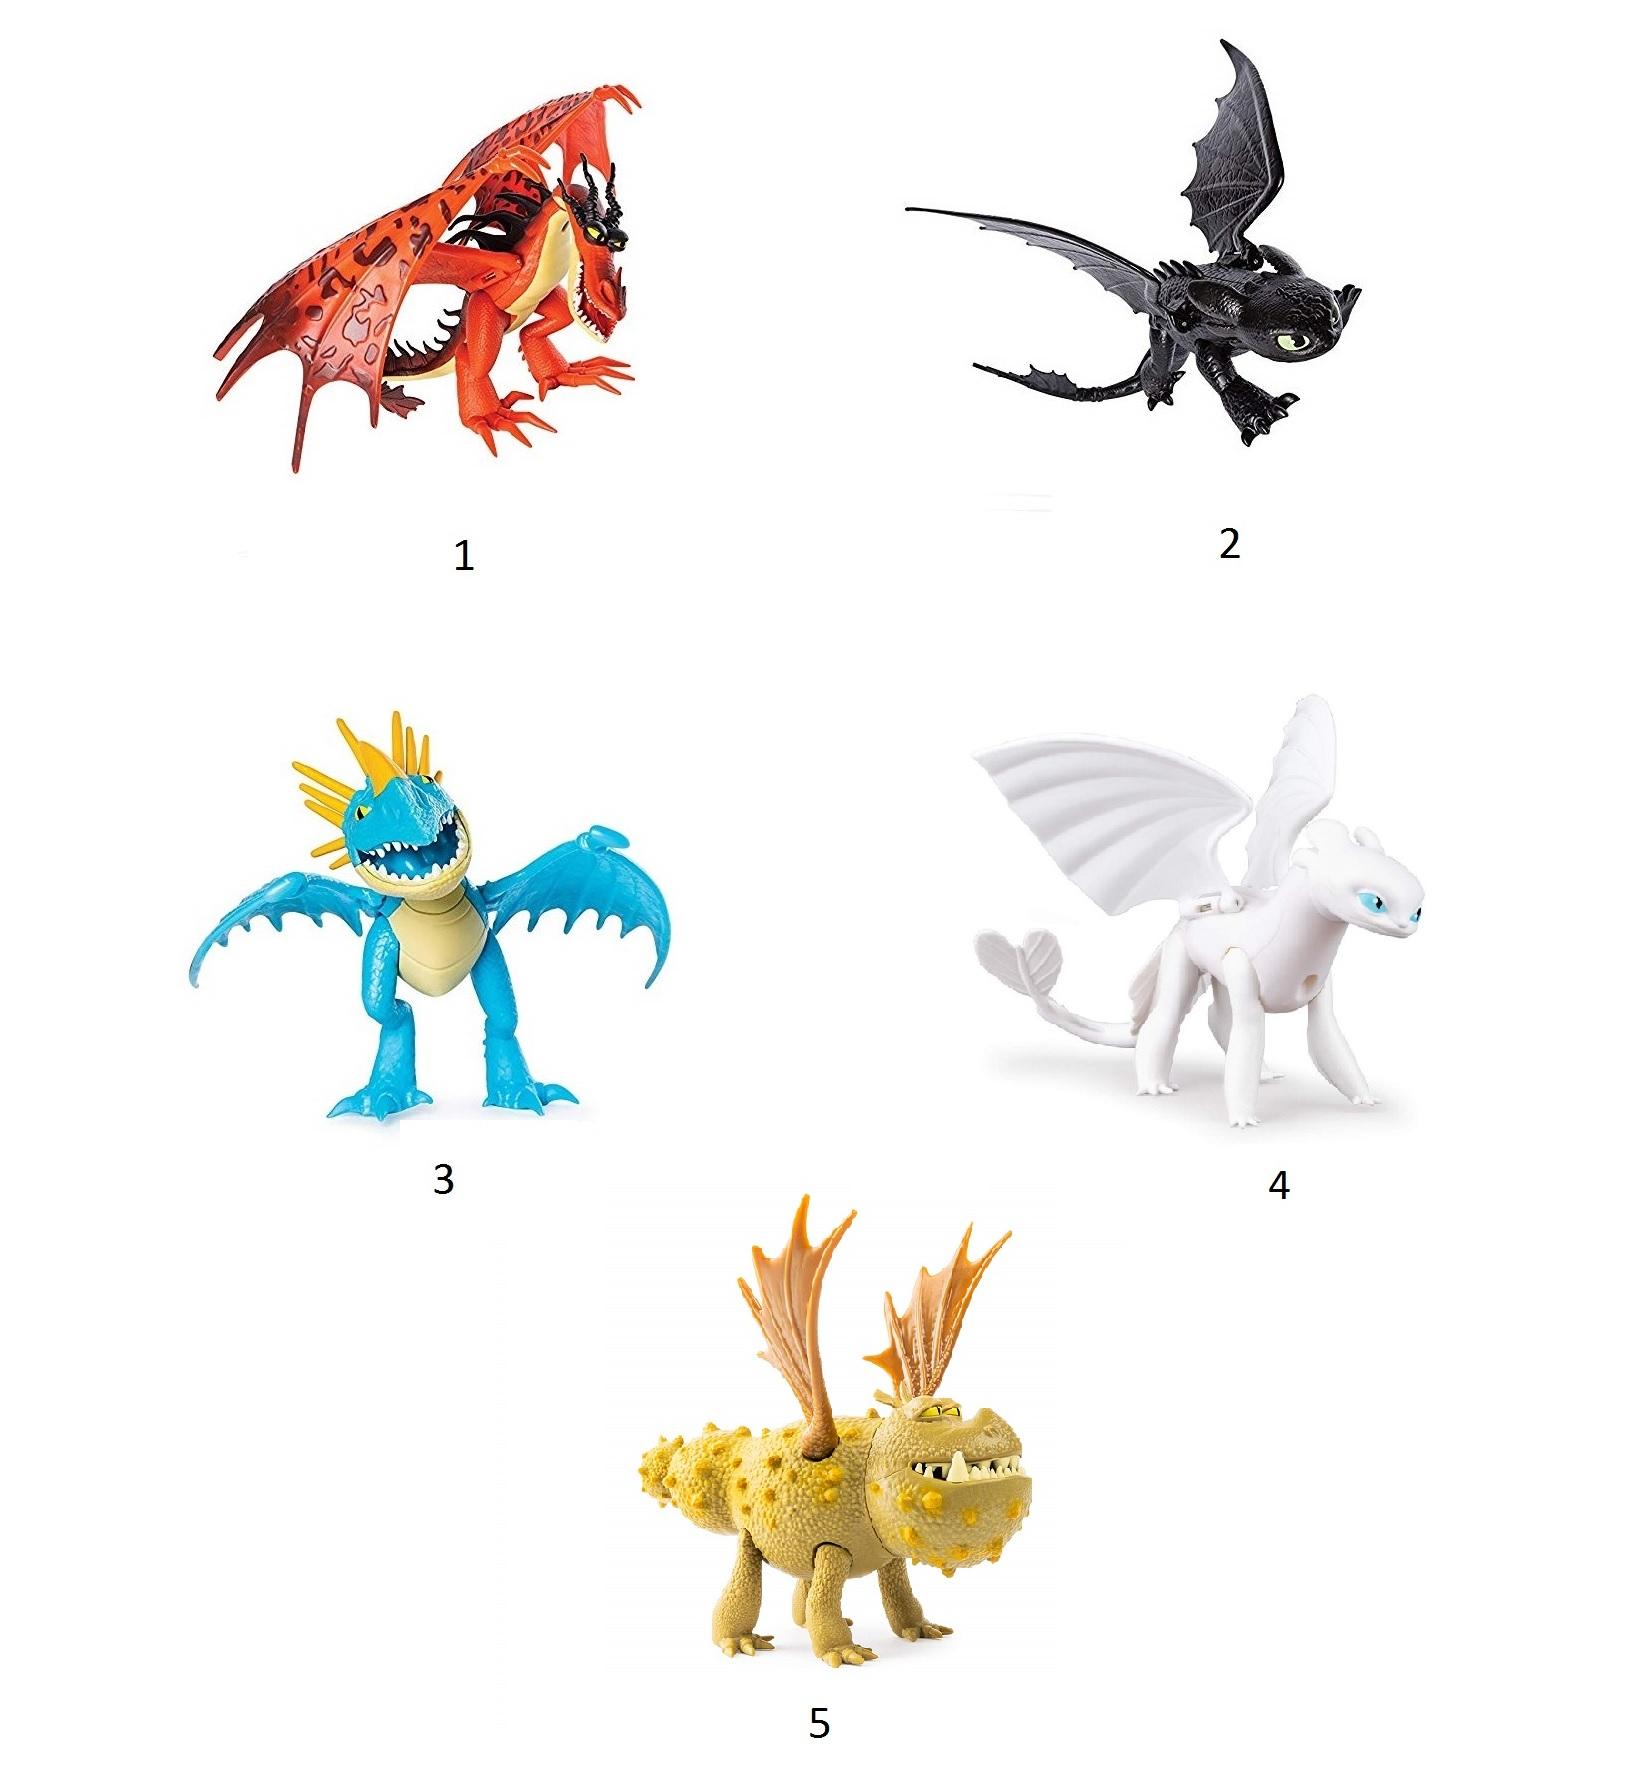 Картинки всех драконов из как приручить дракона с названиями утверждает